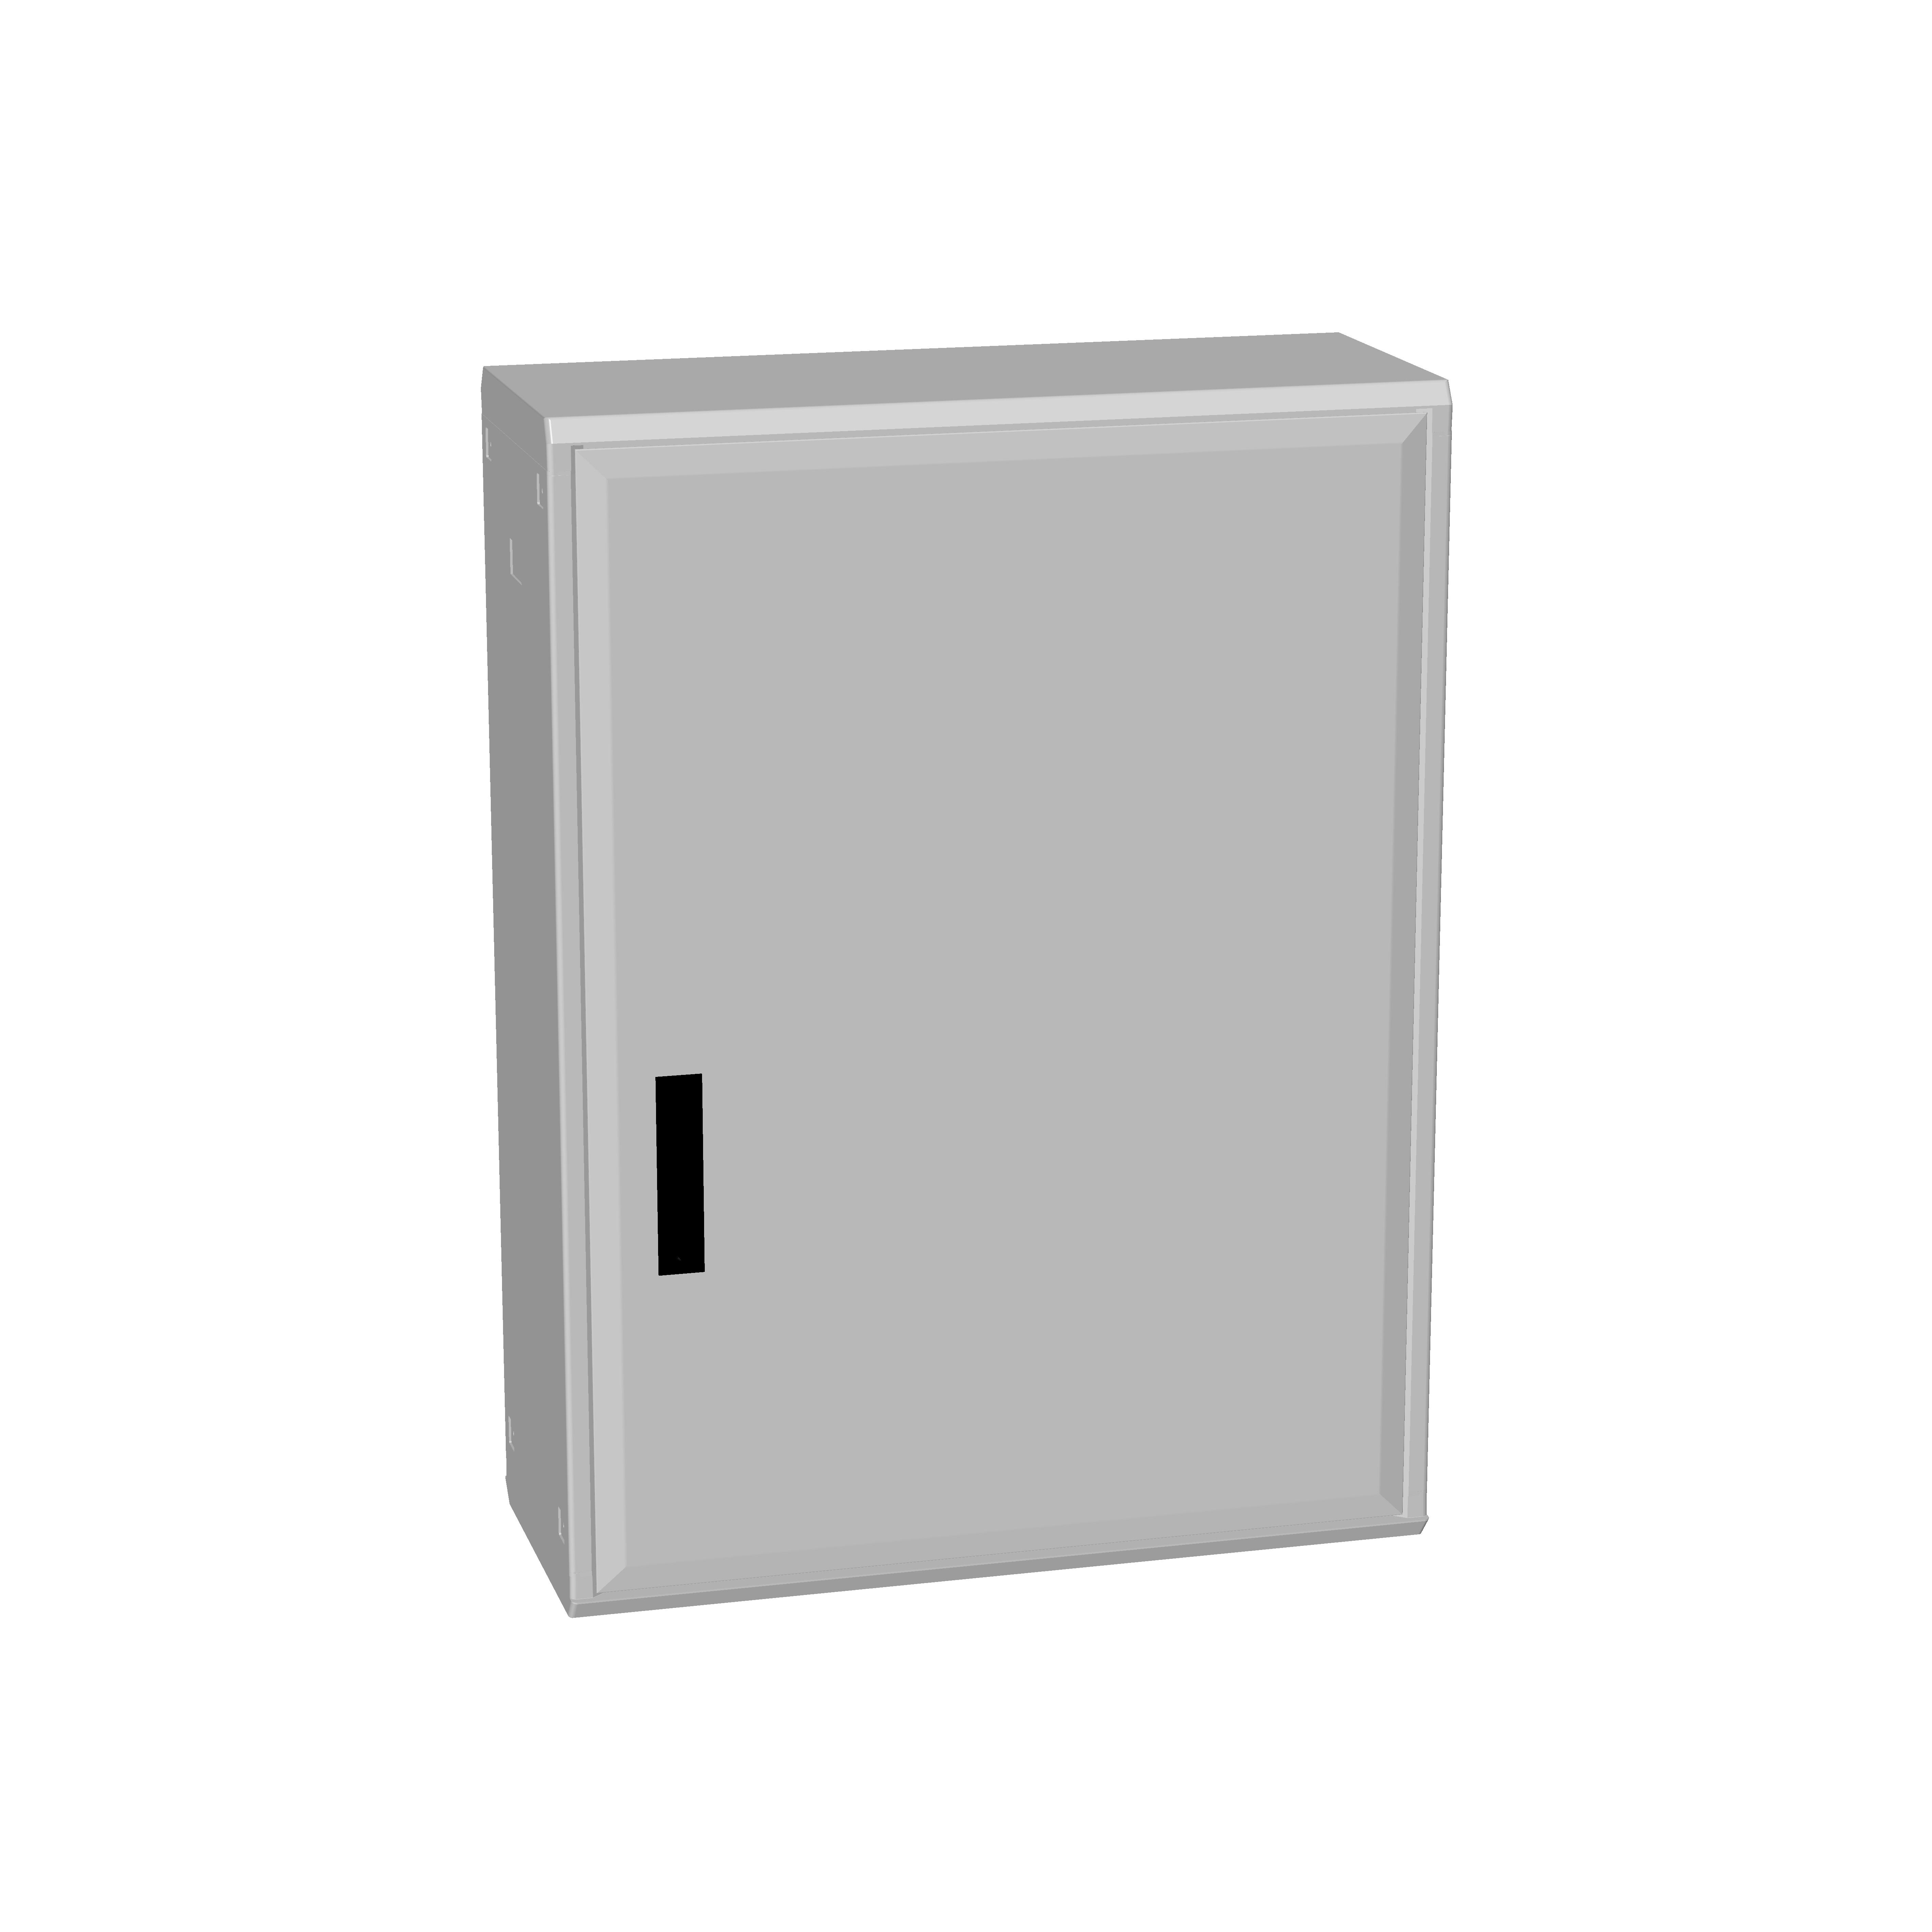 1 Stk Polyesterschrank, Boden offen, eintürig, 1000x750x312 POCA4330--